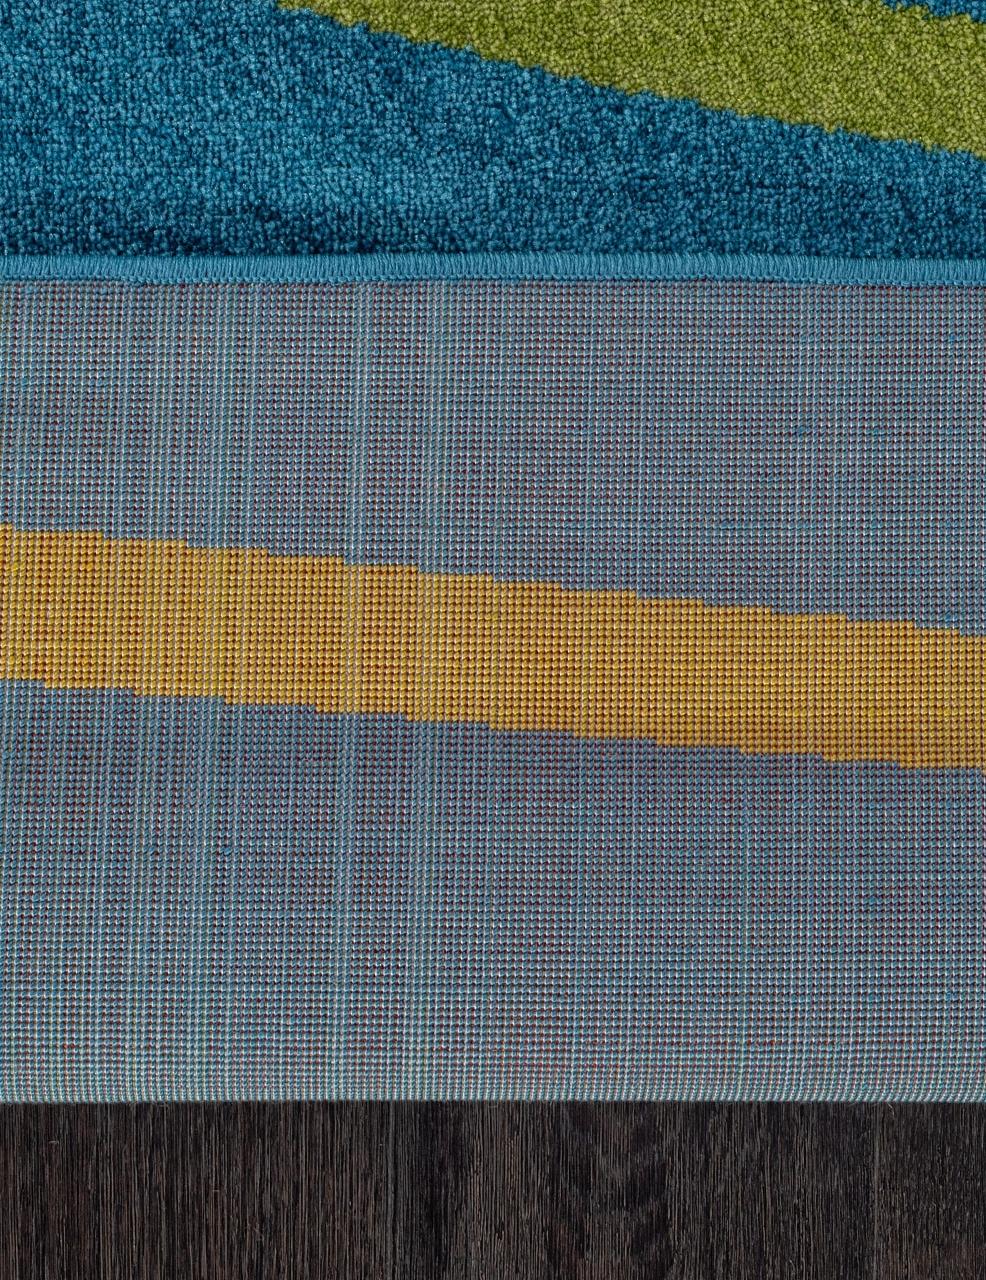 Ковер 1021 - BLUE - Прямоугольник - коллекция CRYSTAL - фото 5